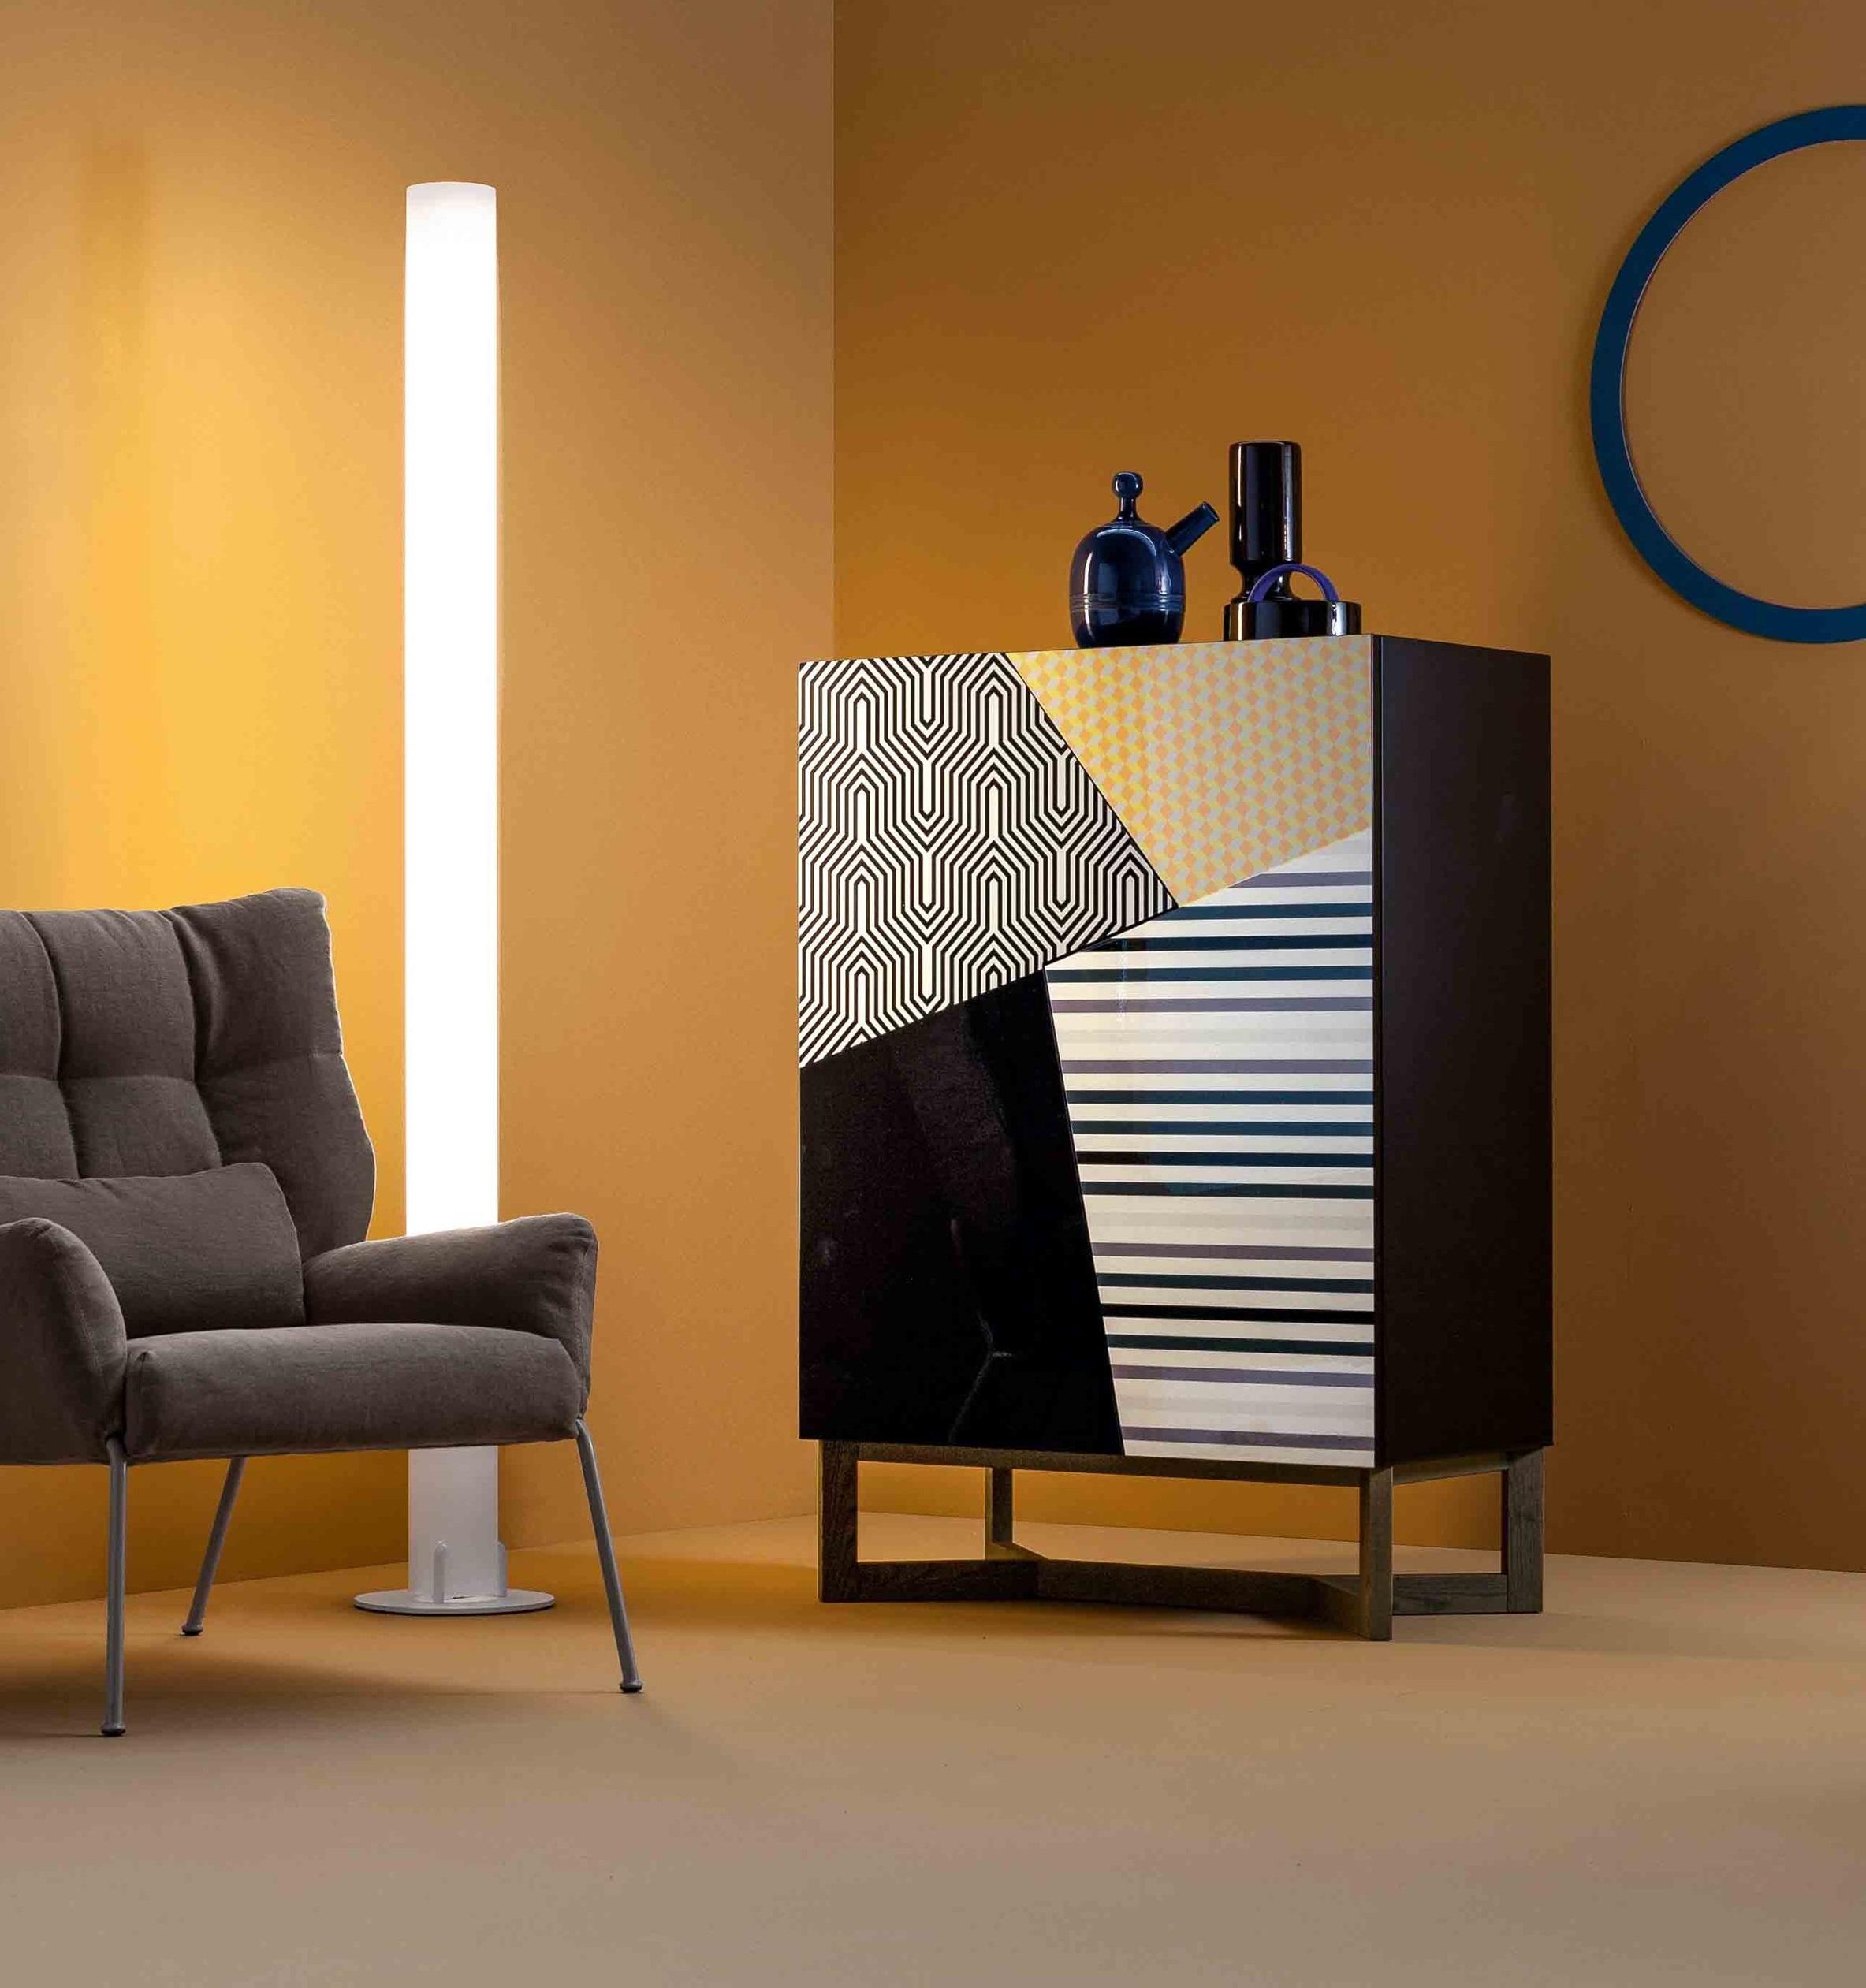 DOPPLER-Sideboard-Bonaldo-243016-vreld7d380d3-1